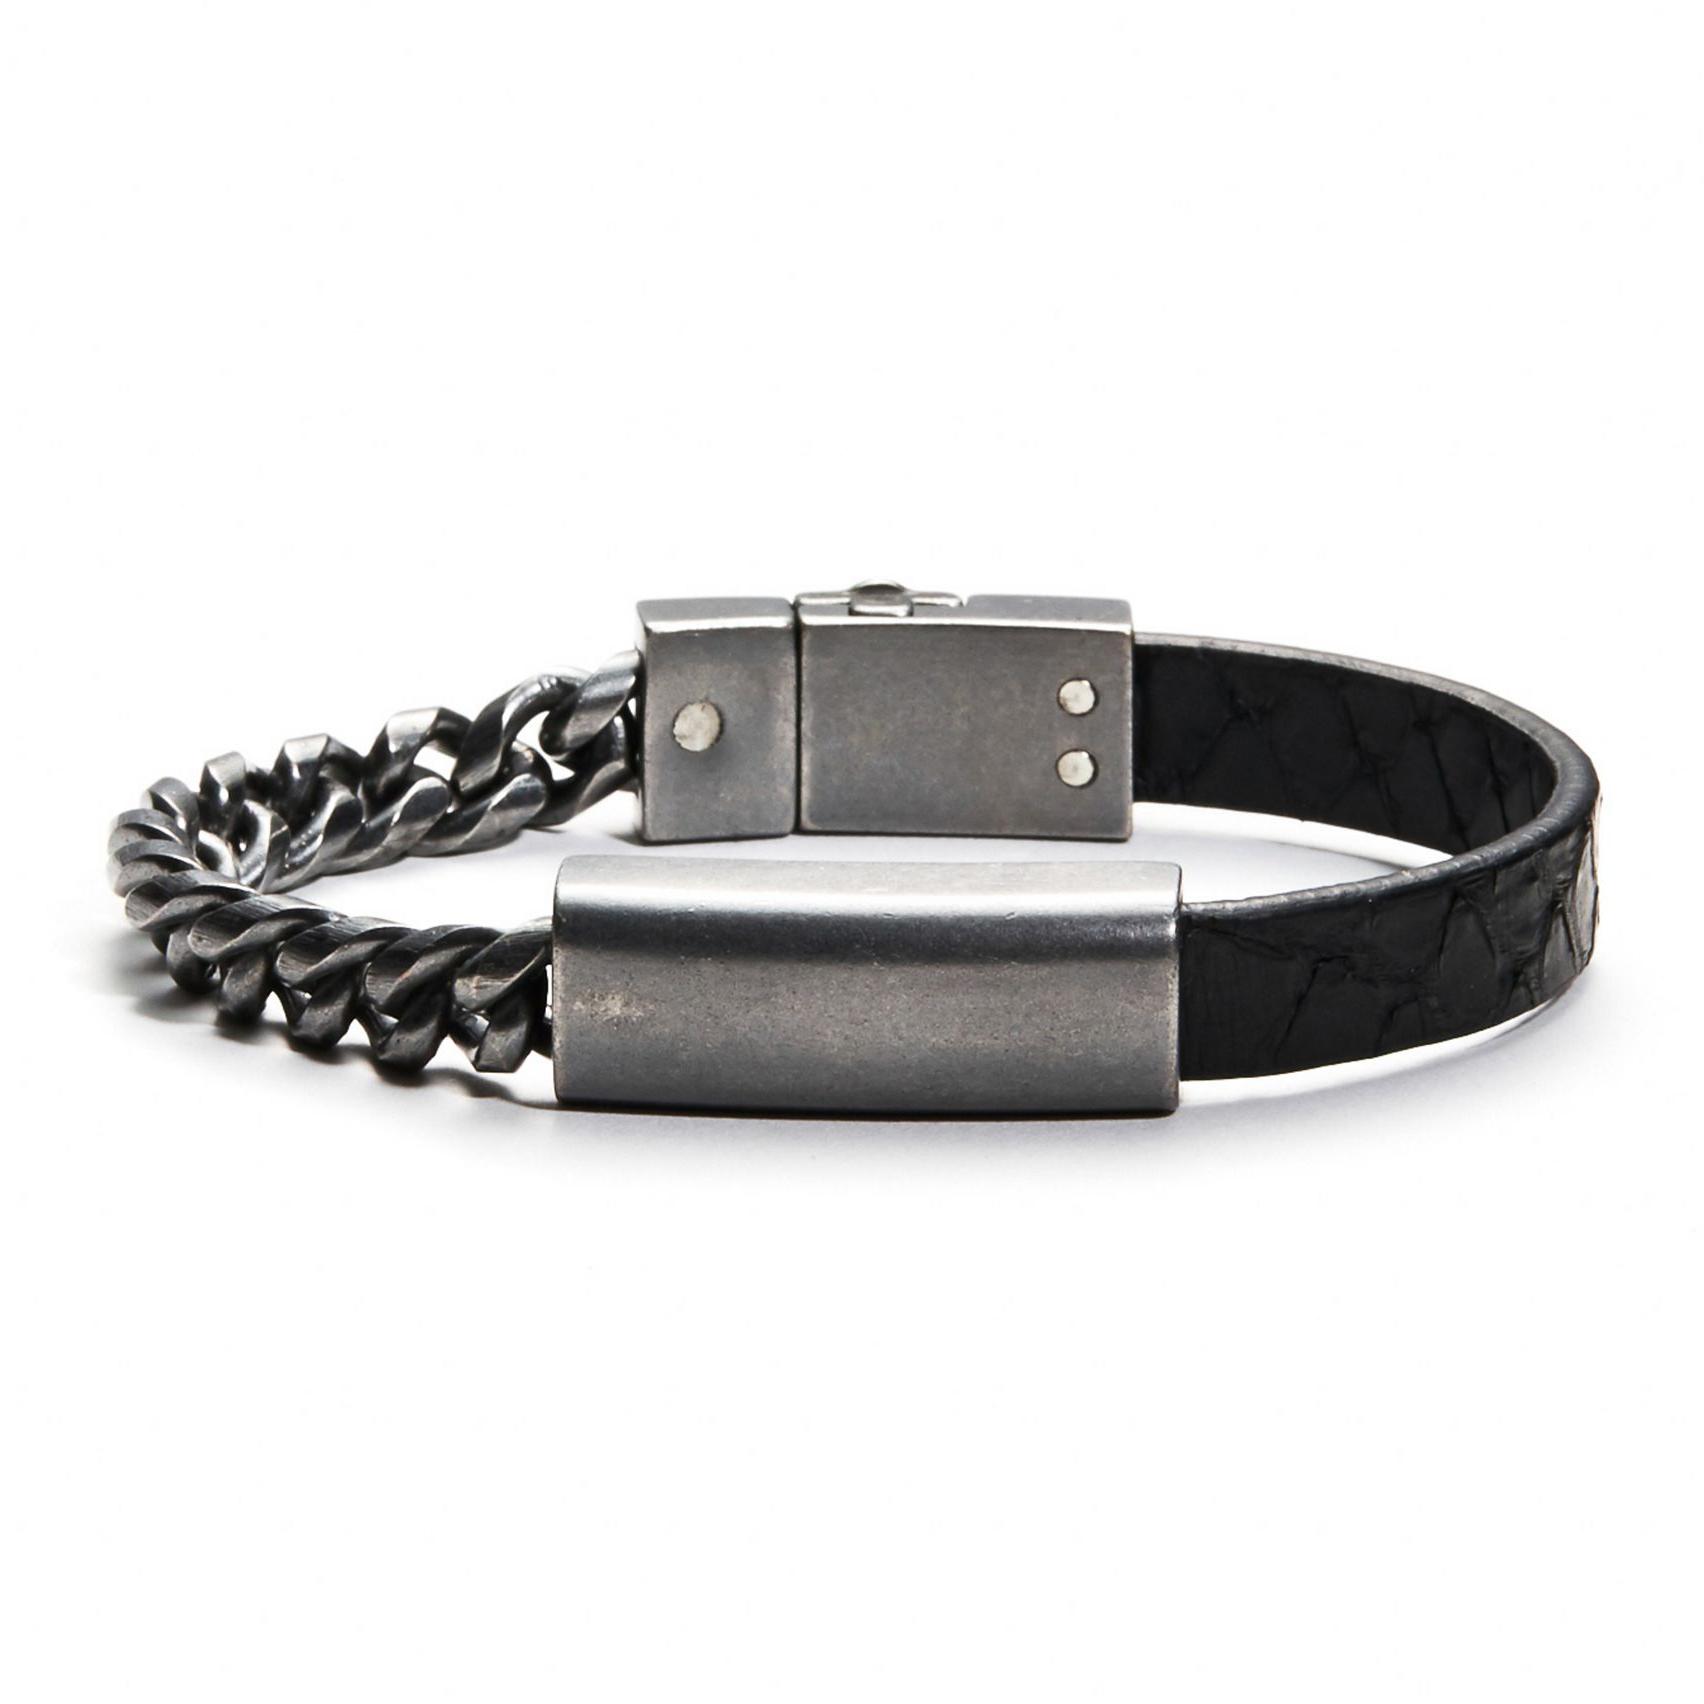 美國百分百【全新真品】Armani Exchange 手環 飾品 配件 金屬 皮環 AX 專櫃 手鍊 男 女 E536